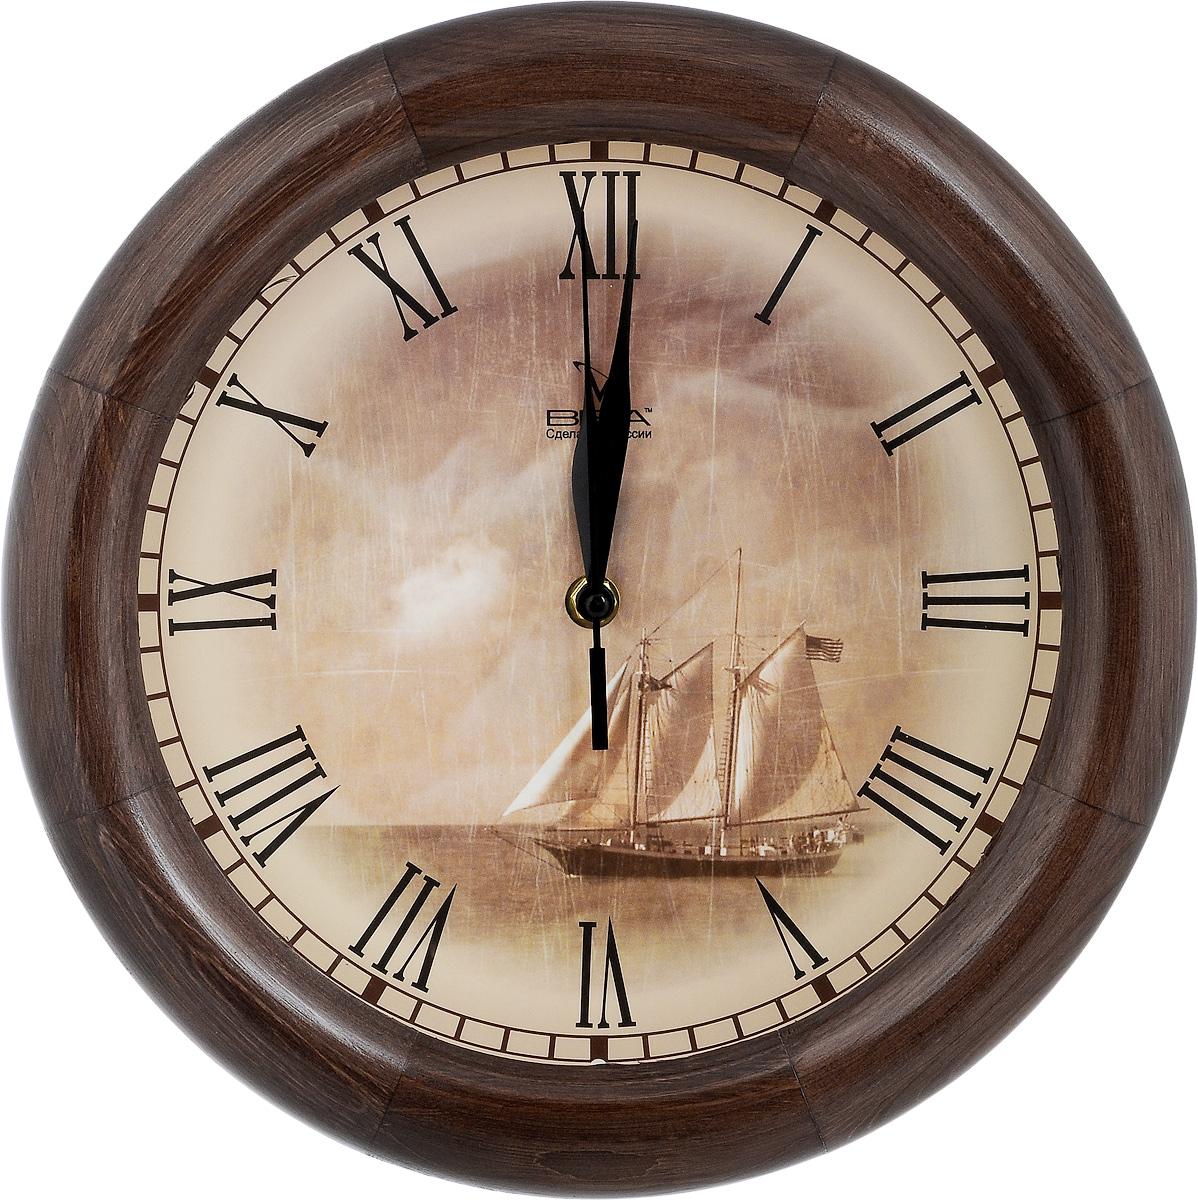 Часы настенные Вега Парусник, диаметр 30 смД1МД/7-8Настенные кварцевые часы Вега Парусник, изготовленные из дерева, прекрасно впишутся в интерьер вашего дома. Часы имеют три стрелки: часовую, минутную и секундную, циферблат защищен прозрачным стеклом. Часы работают от 1 батарейки типа АА напряжением 1,5 В (не входит в комплект). Диаметр часов: 30 см.